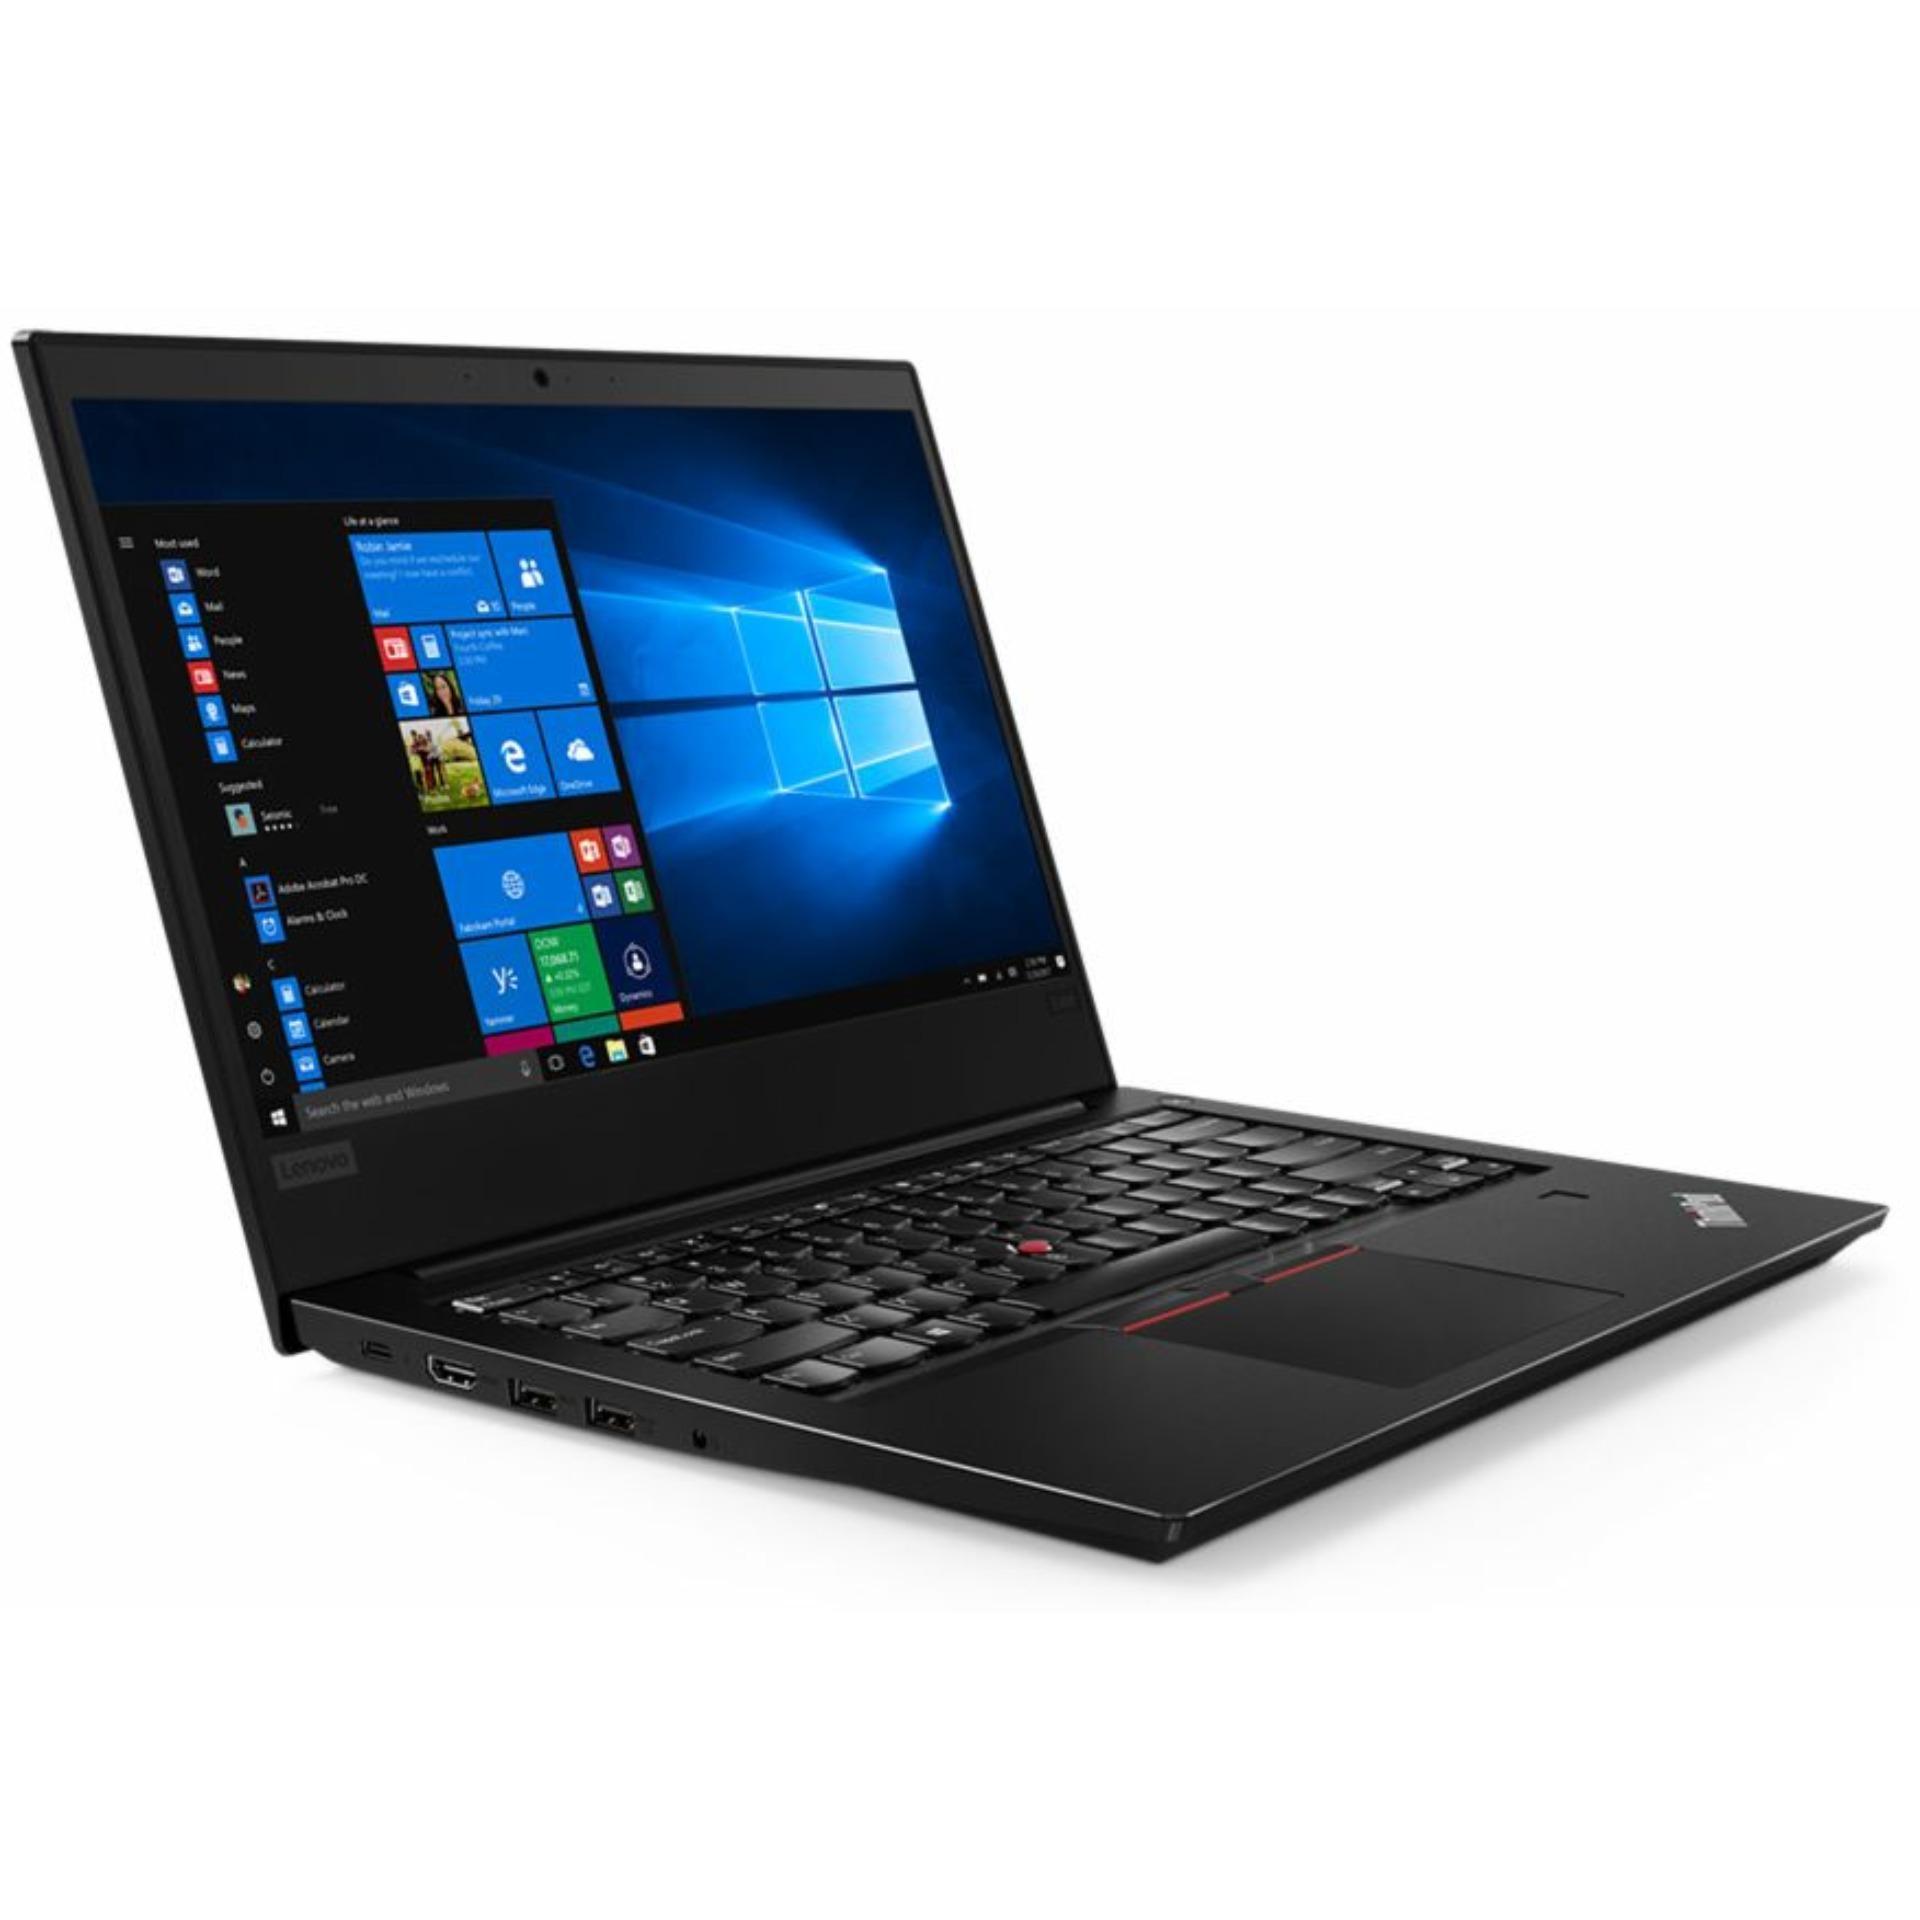 Lenovo Thinkpad E480-55ID Core i7-8550U - 4GB DDR4 - 1TB - AMD RX550 2GB - Windows10 Pro  - 1 Year Warranty